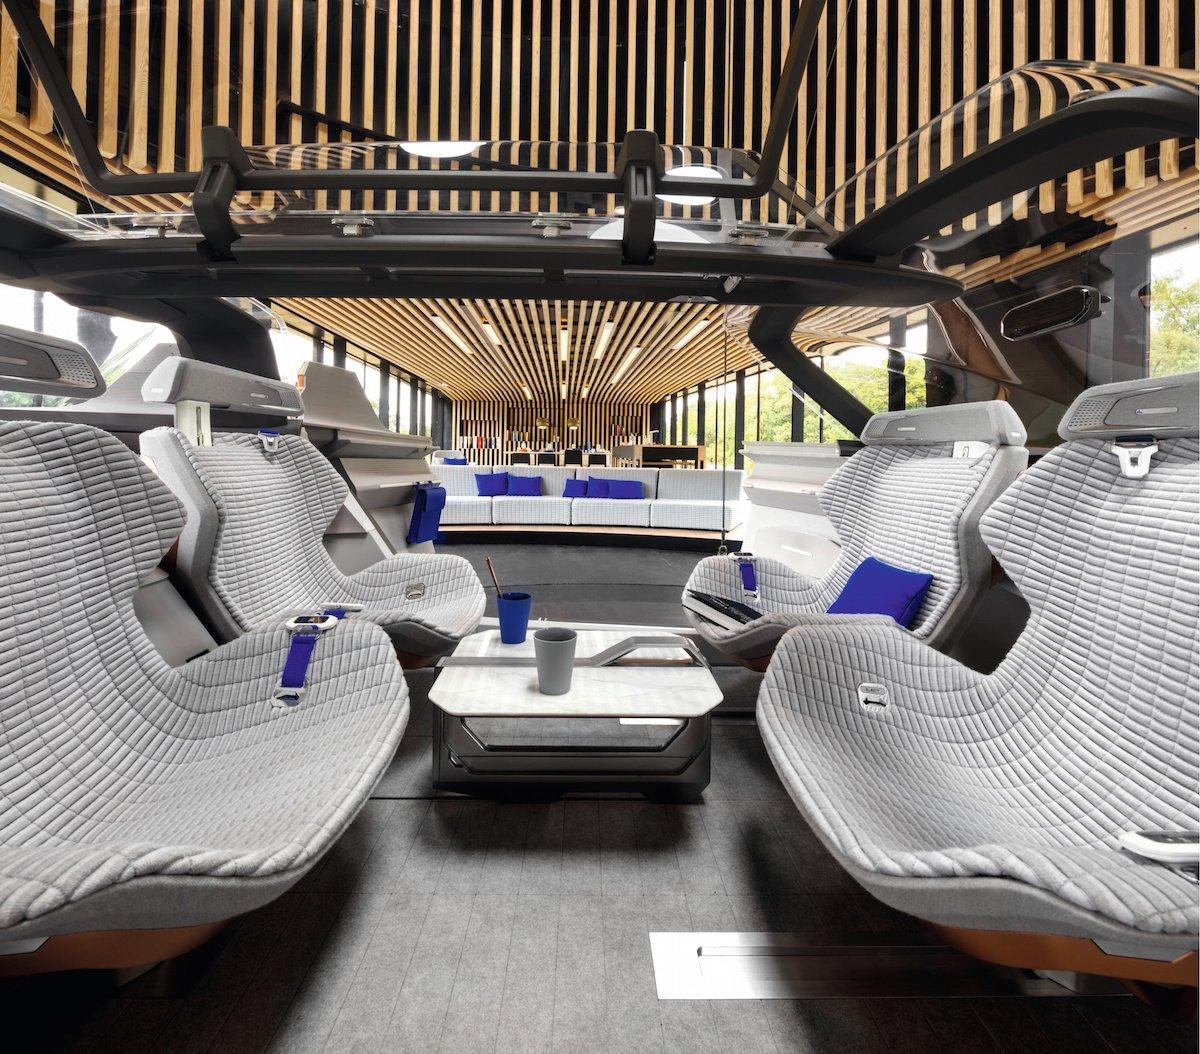 بالصور .. شركات عالمية تتسابق لإطلاق أول سيارة ذاتية القيادة